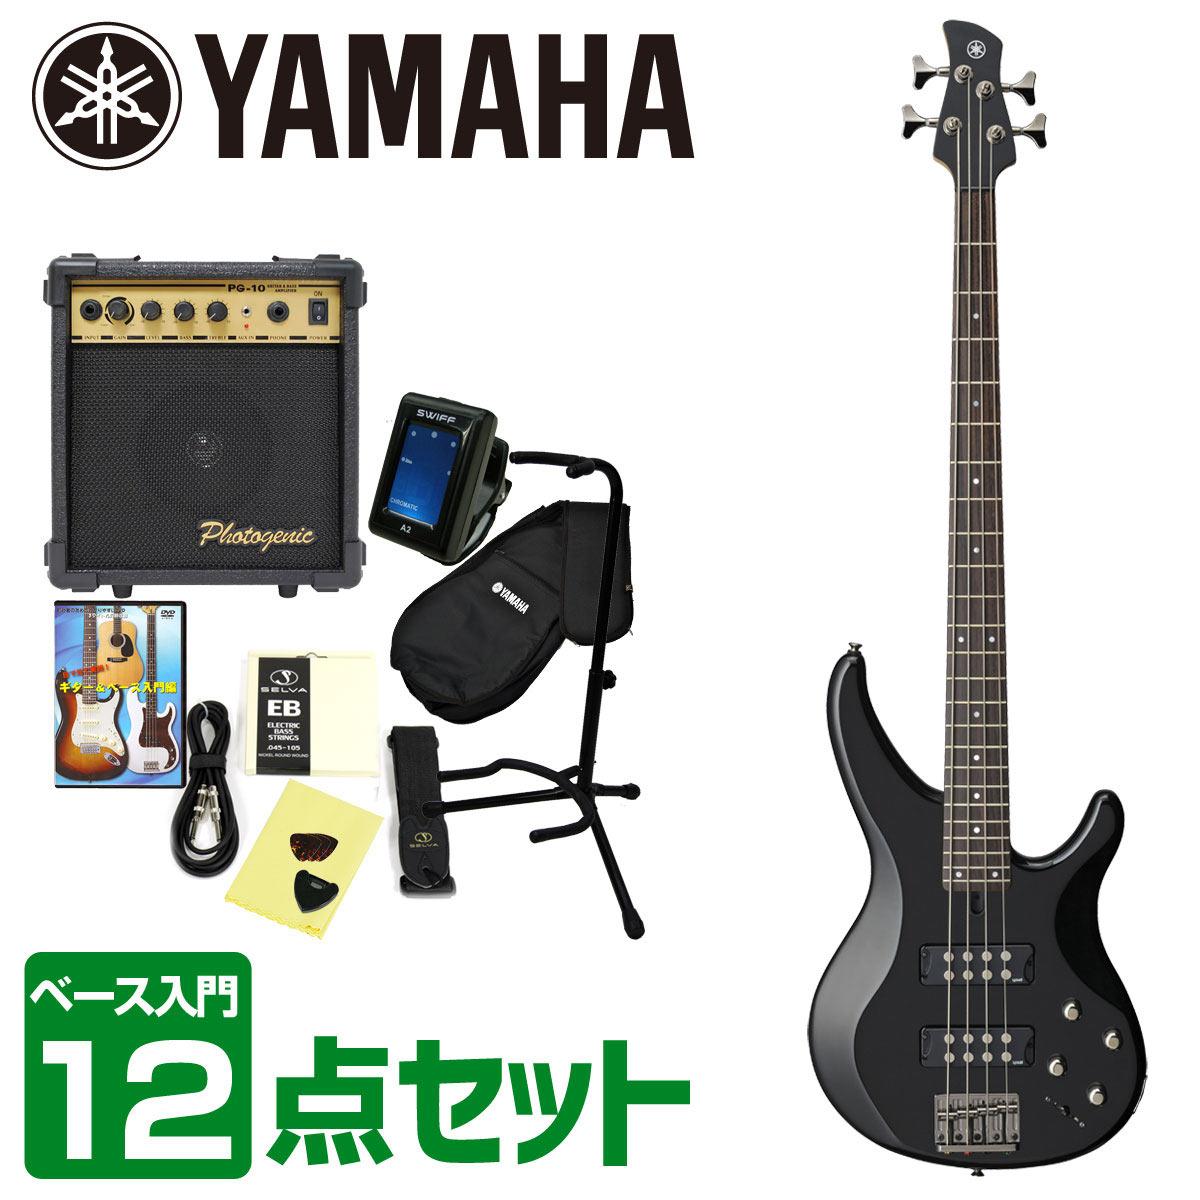 YAMAHA ヤマハ / TRBX304 BL 【エレキベース入門12点セット】初心者 入門セット ベース初心者